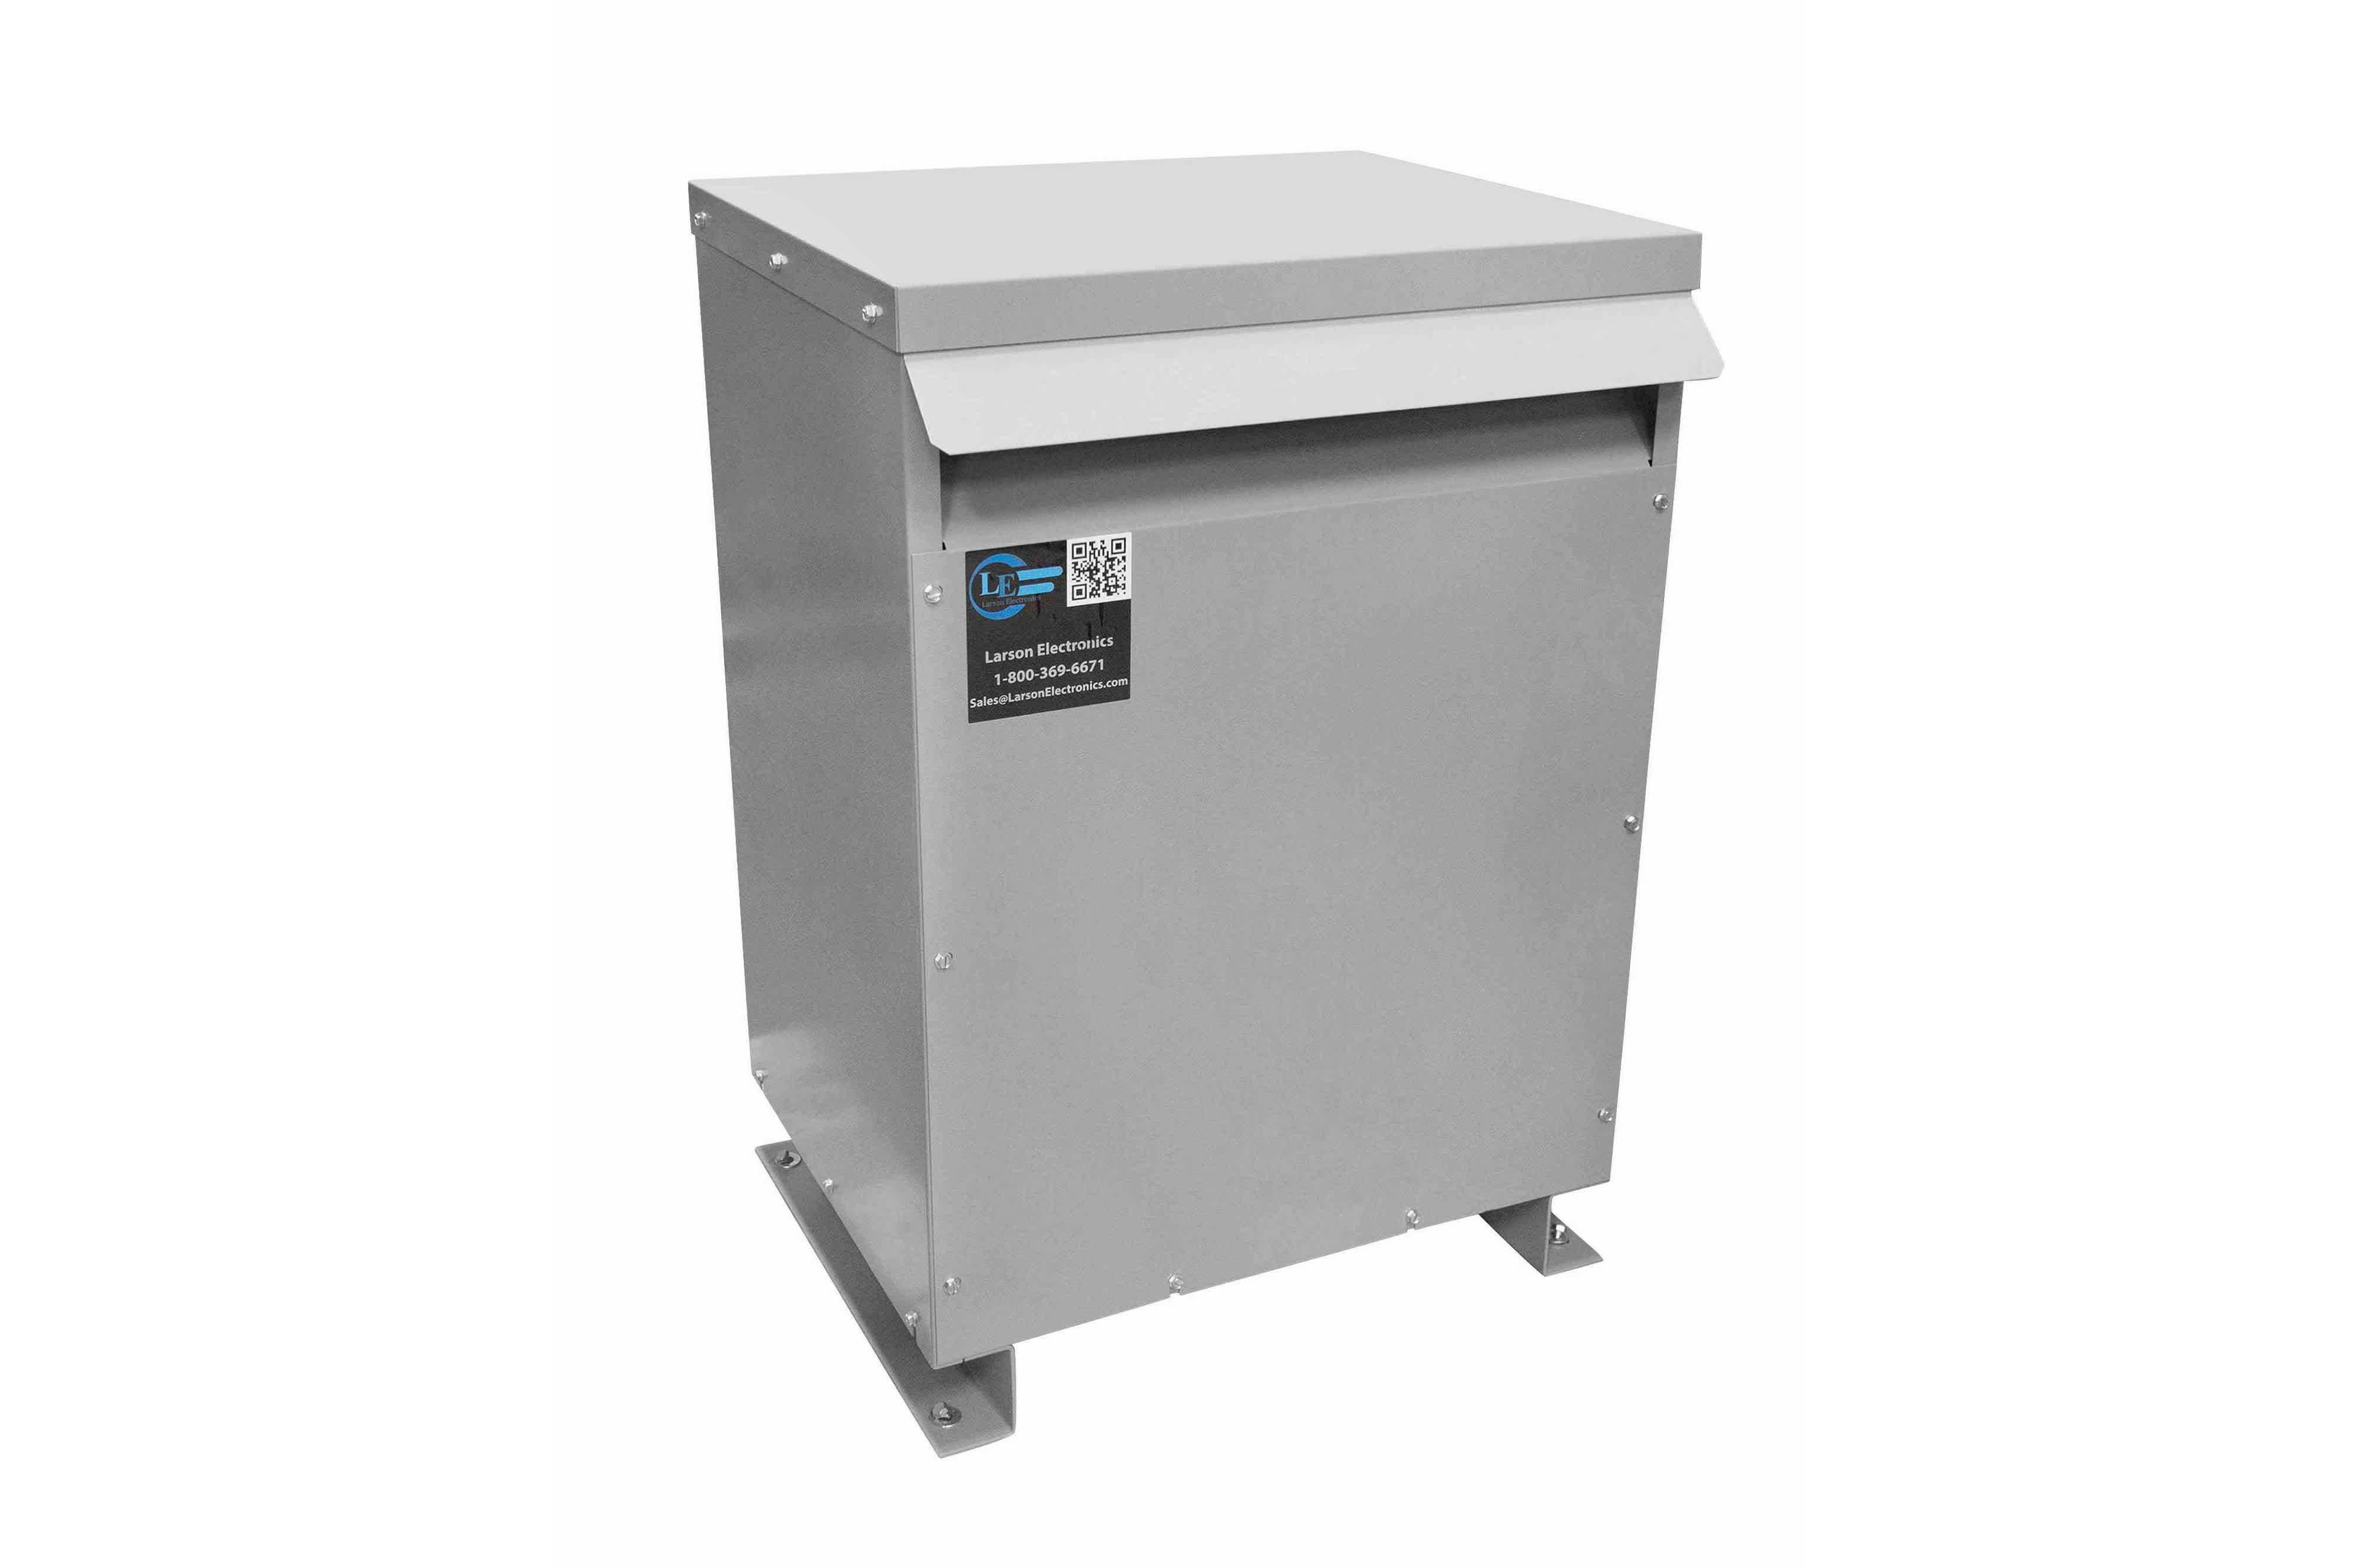 600 kVA 3PH Isolation Transformer, 480V Delta Primary, 240 Delta Secondary, N3R, Ventilated, 60 Hz